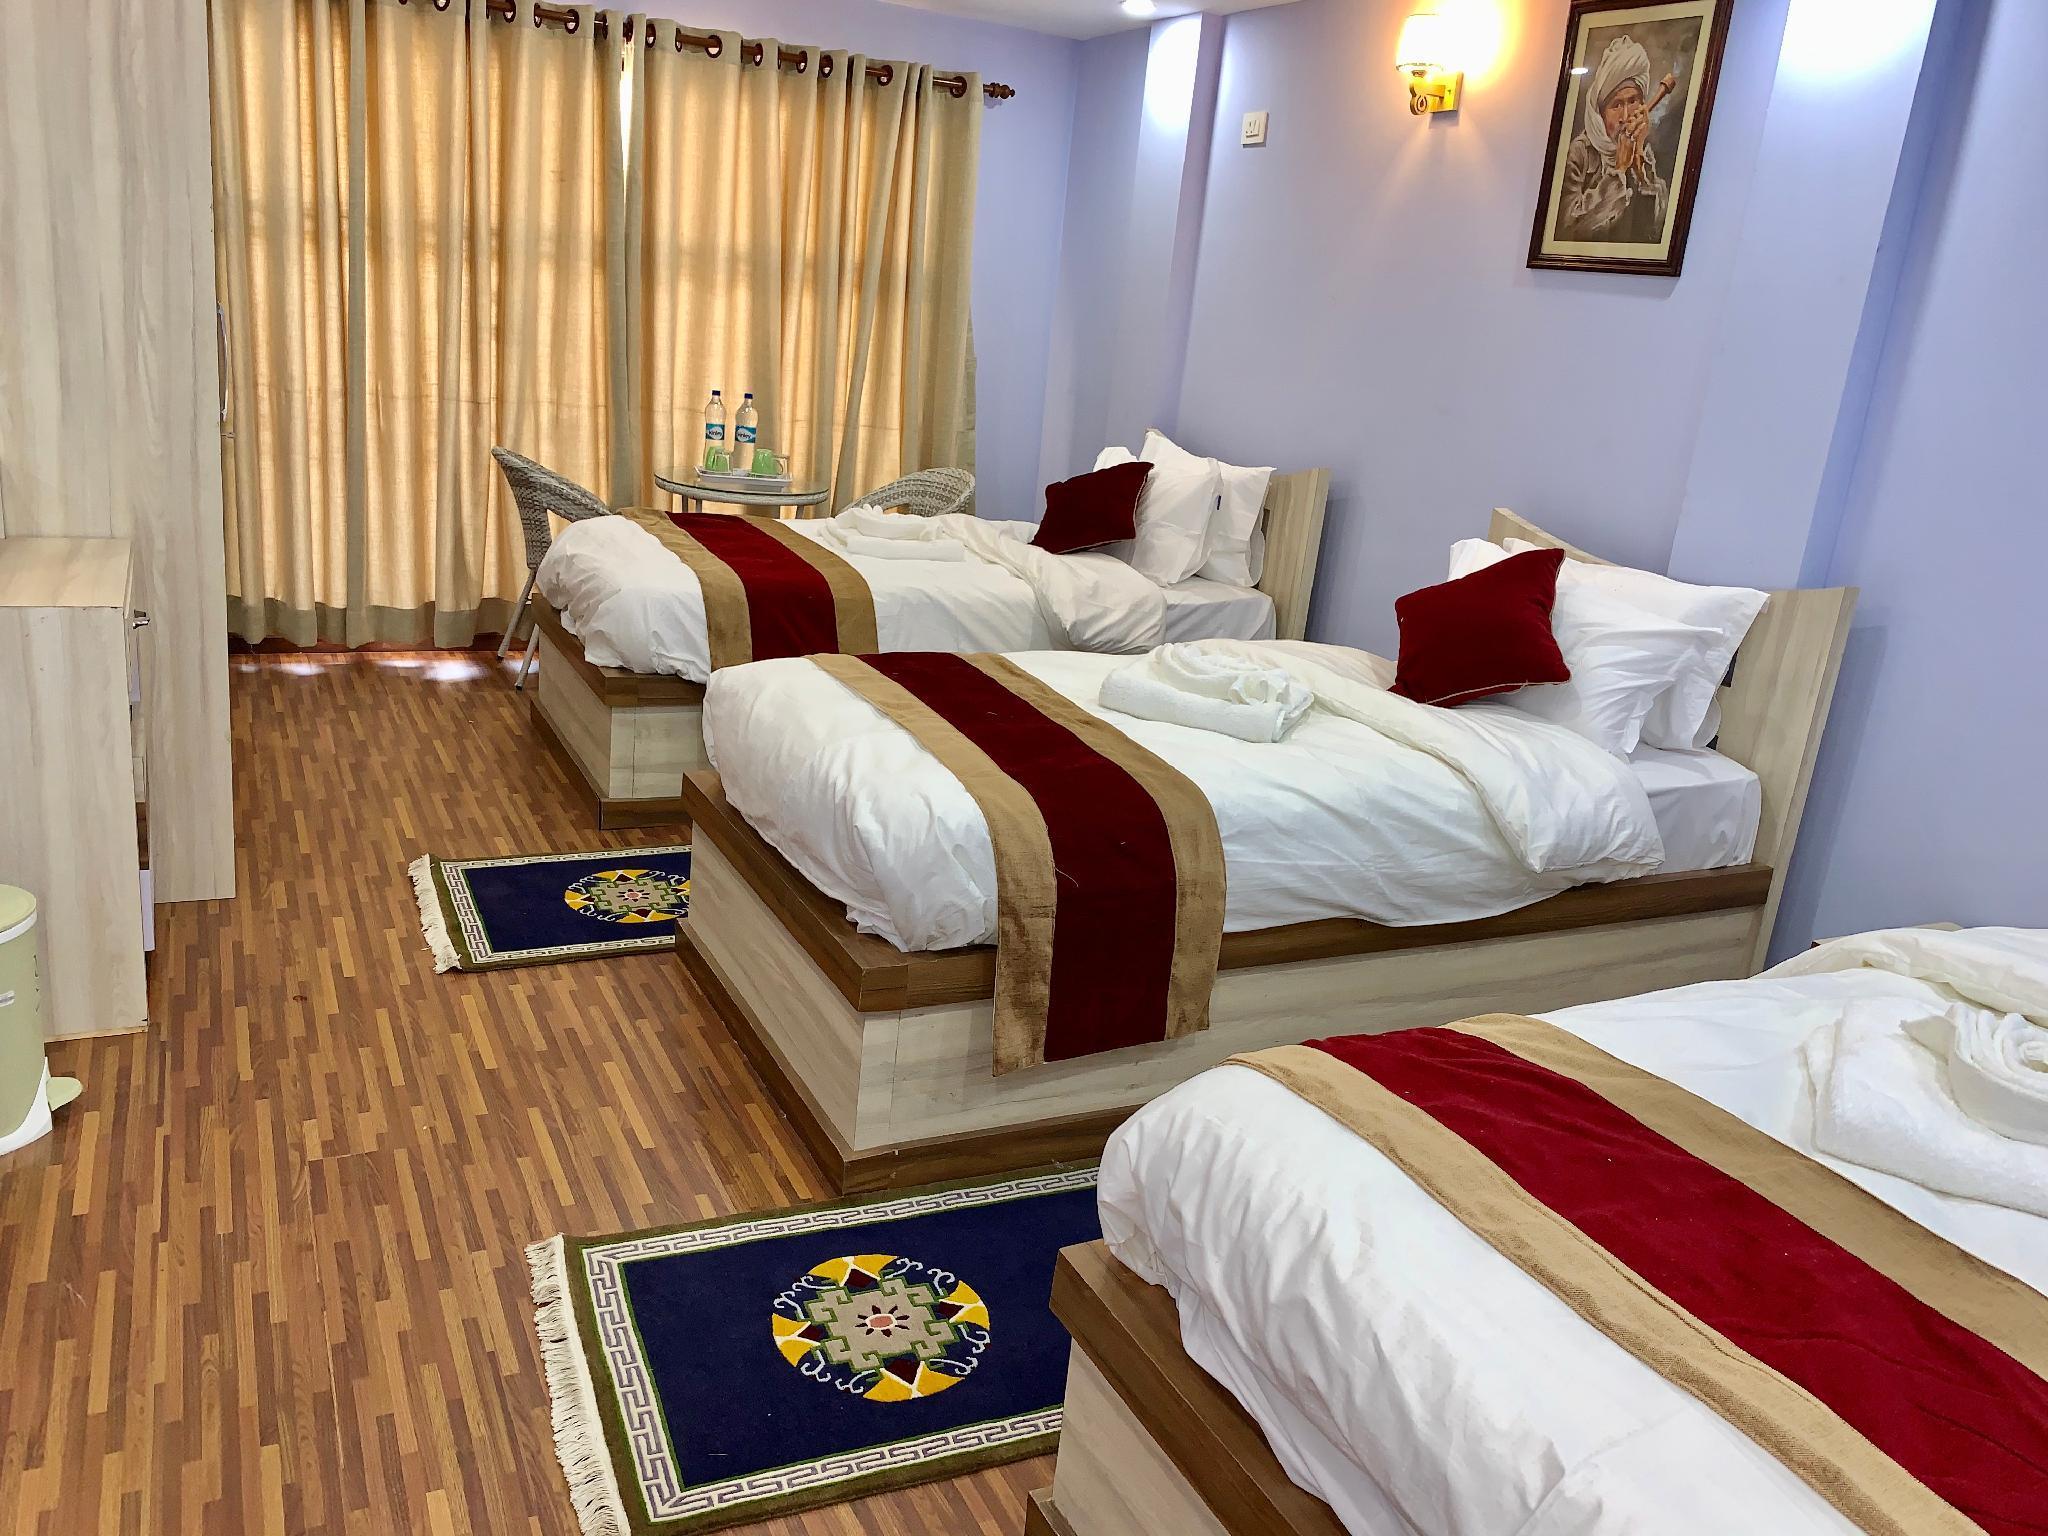 Sherpa Sweet Home  Private Home Room In Kathmandu